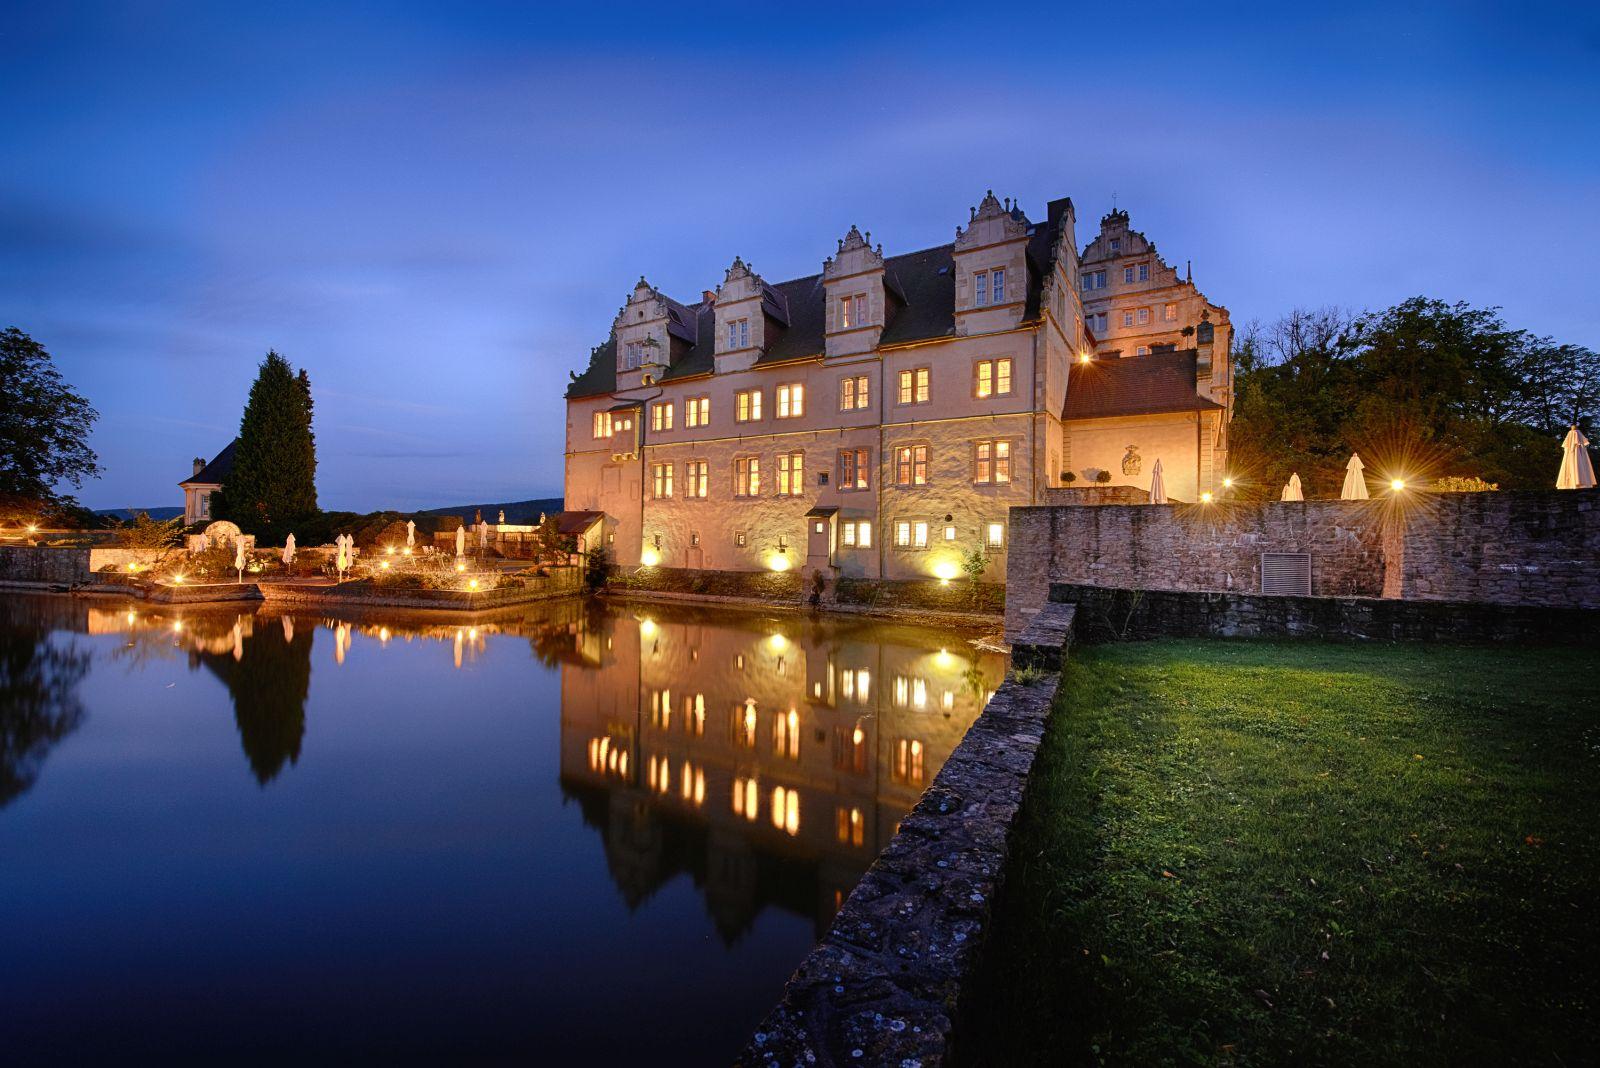 Schloss-9-Banner-1